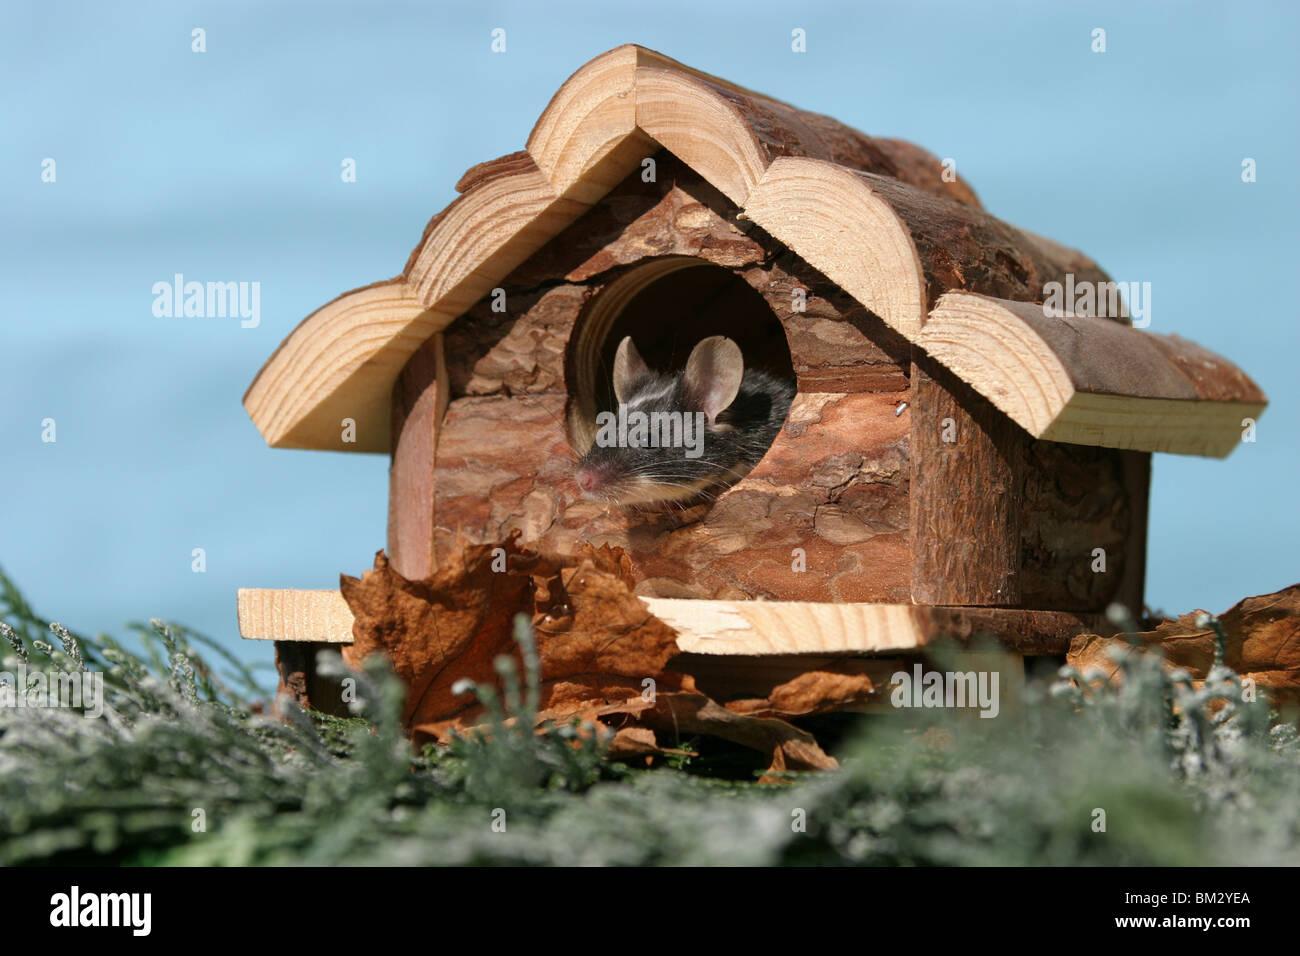 Farbmaus Stockfotos & Farbmaus Bilder Alamy